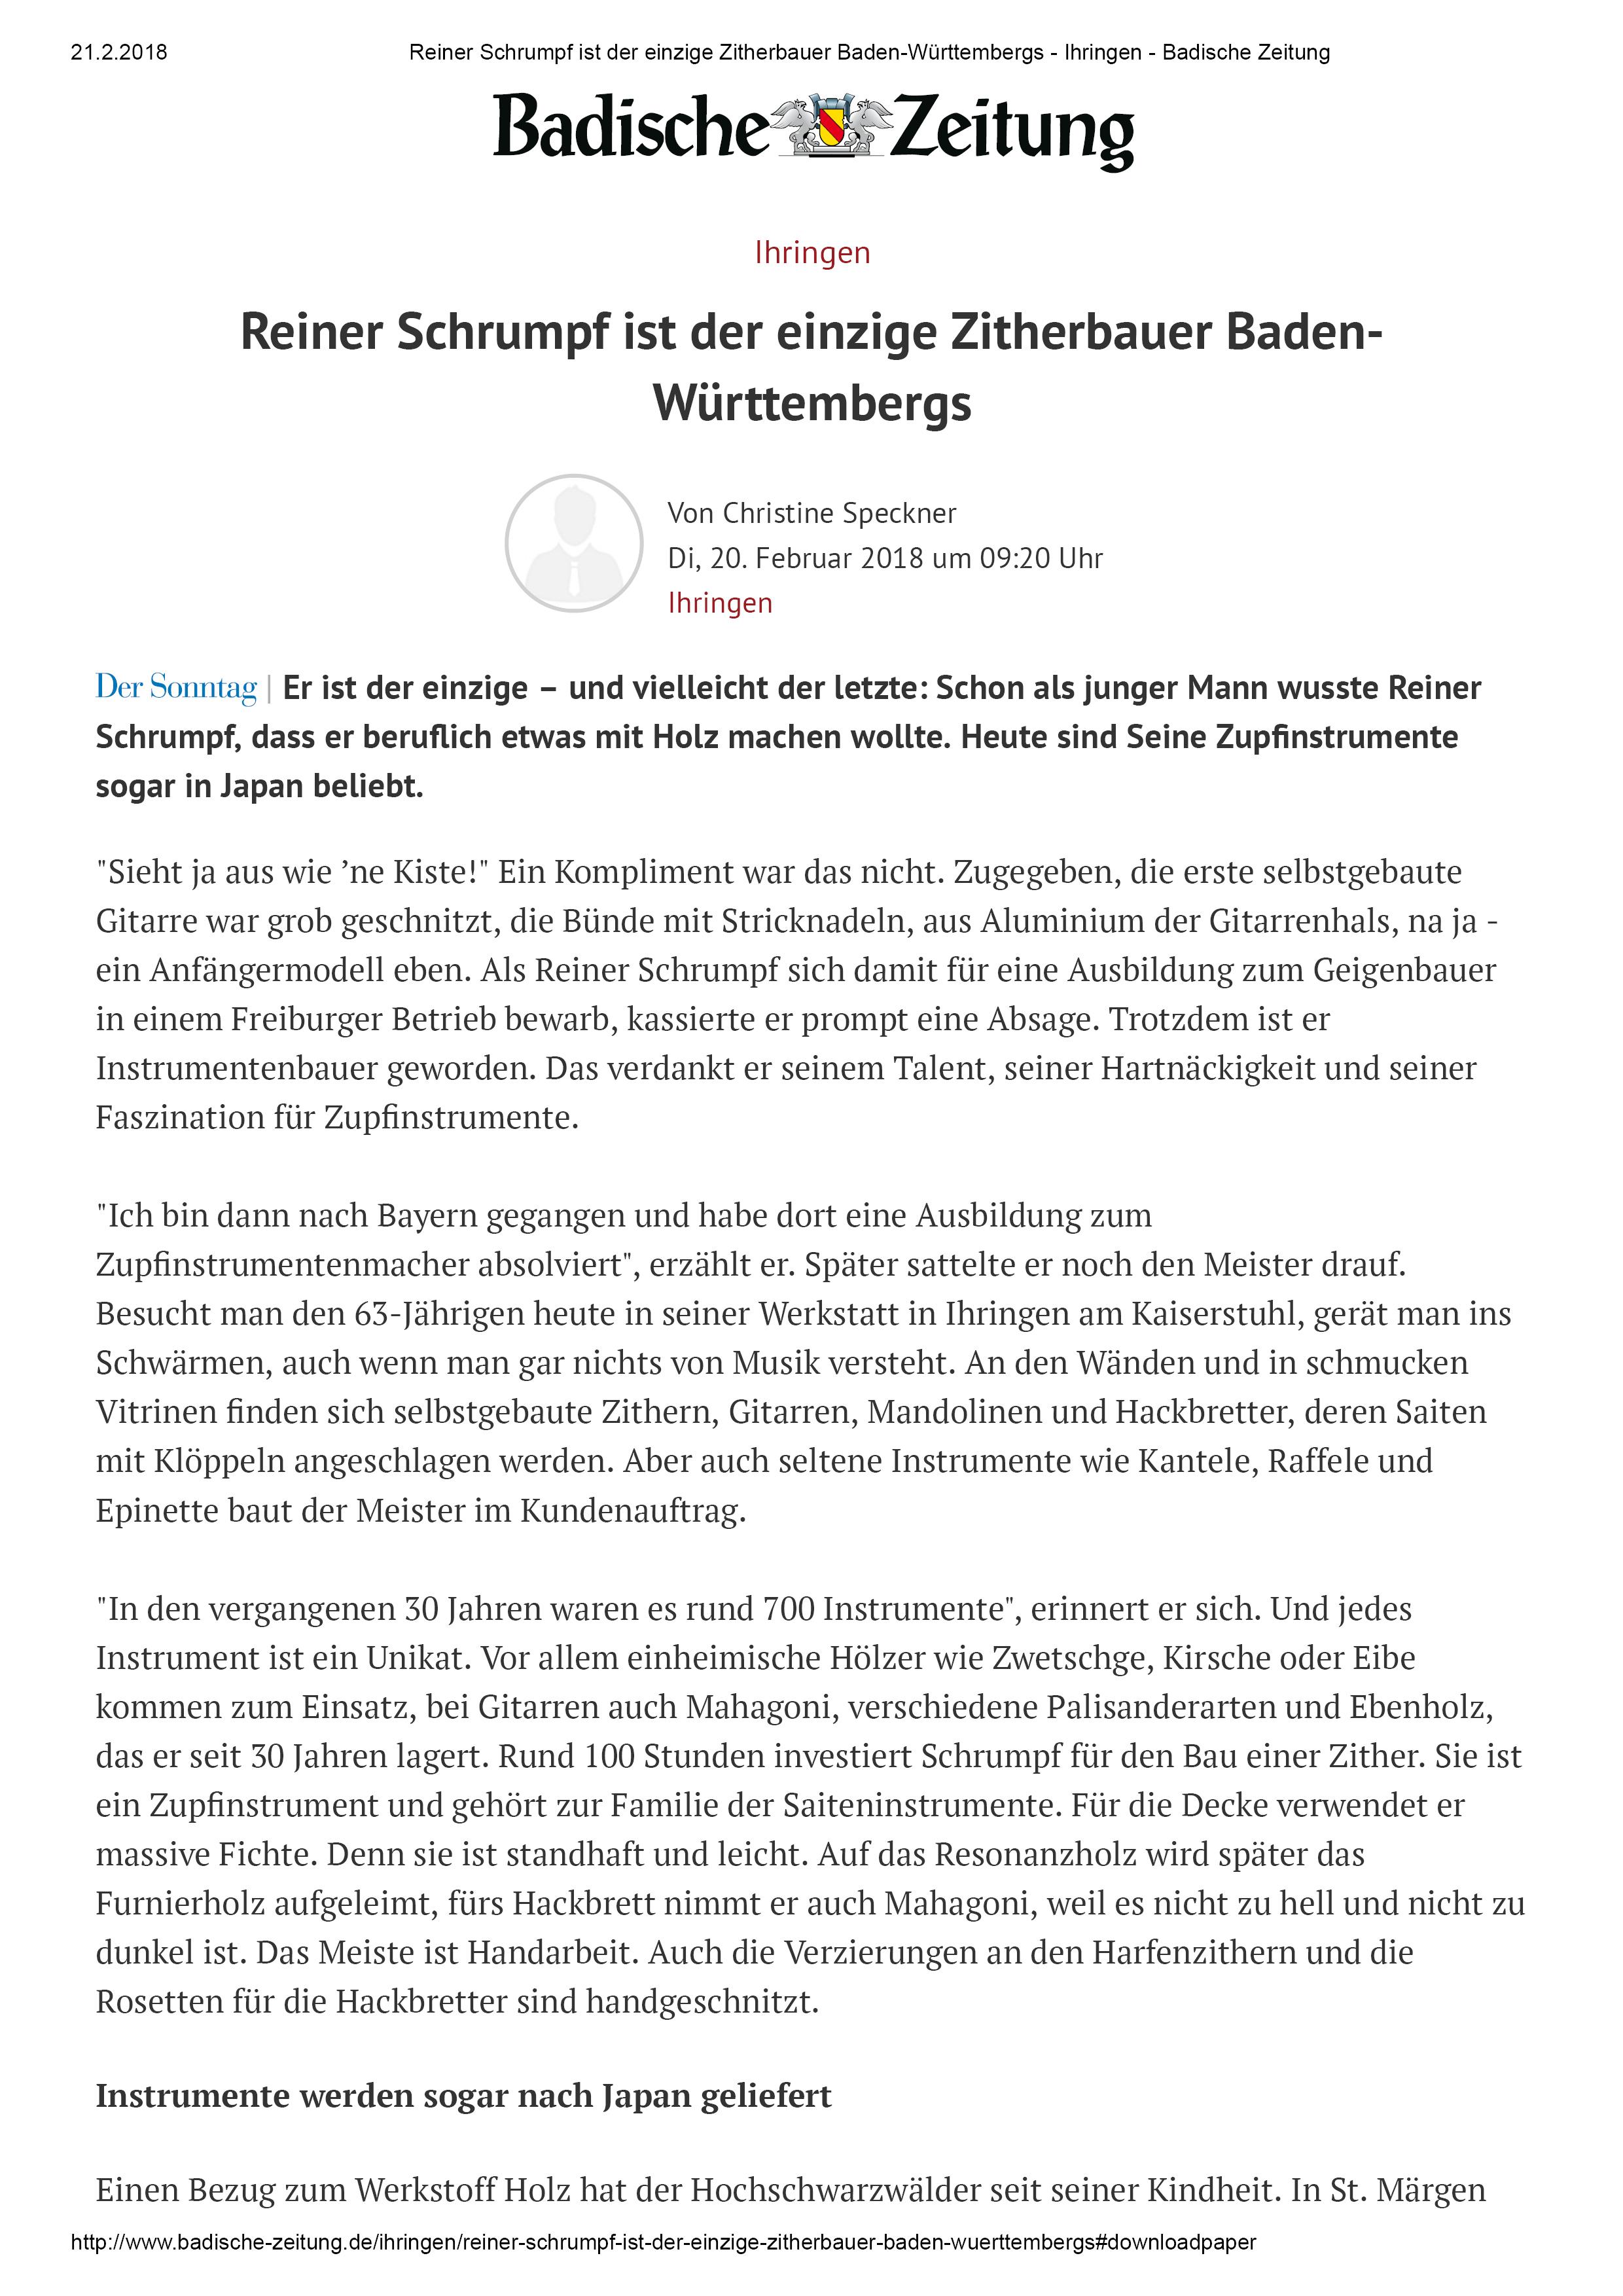 BZ_Reiner Schrumpf